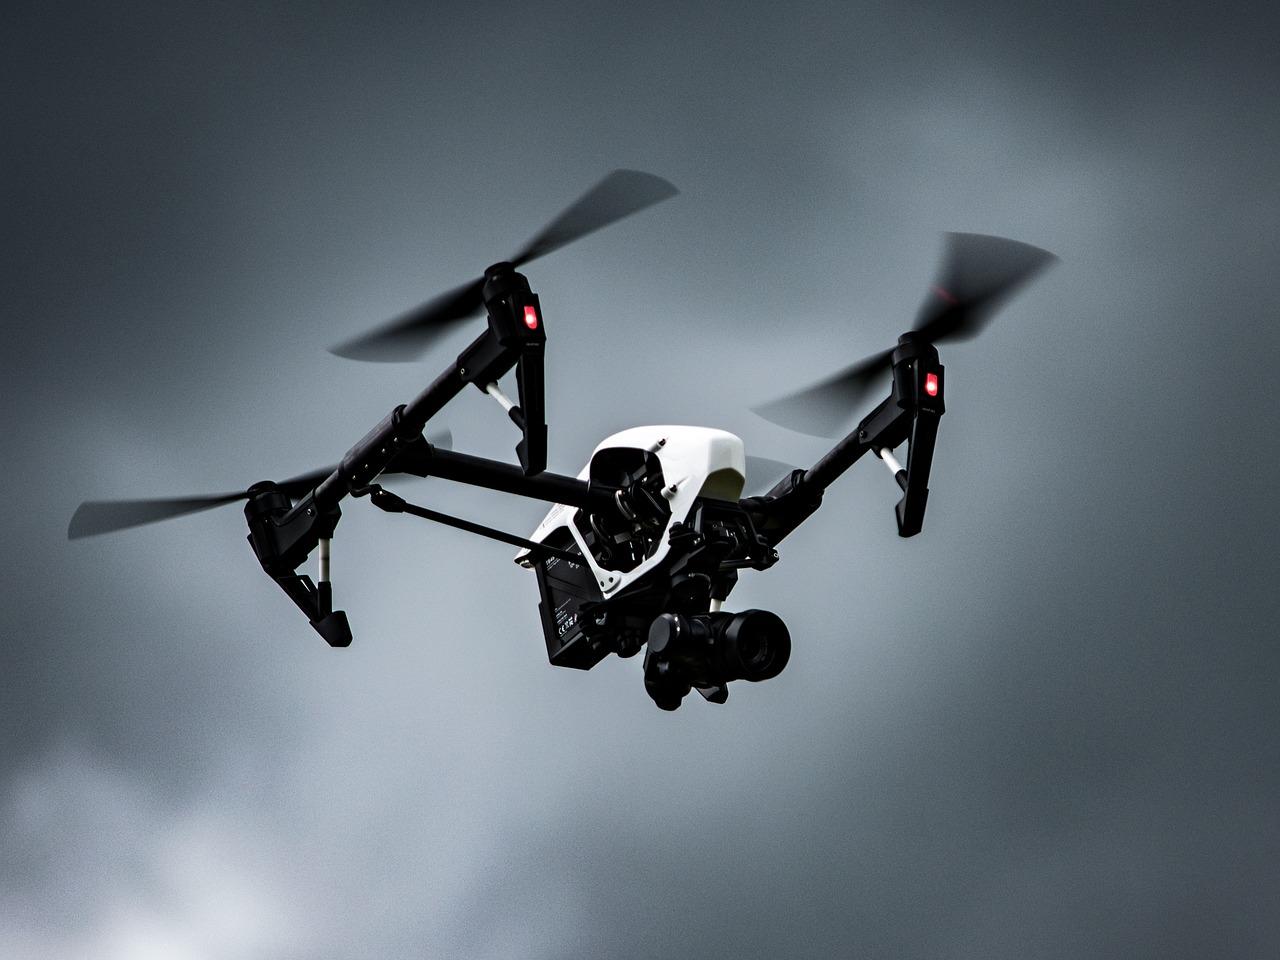 Türkisches Unternehmen entwickelt Spionage-Drohne